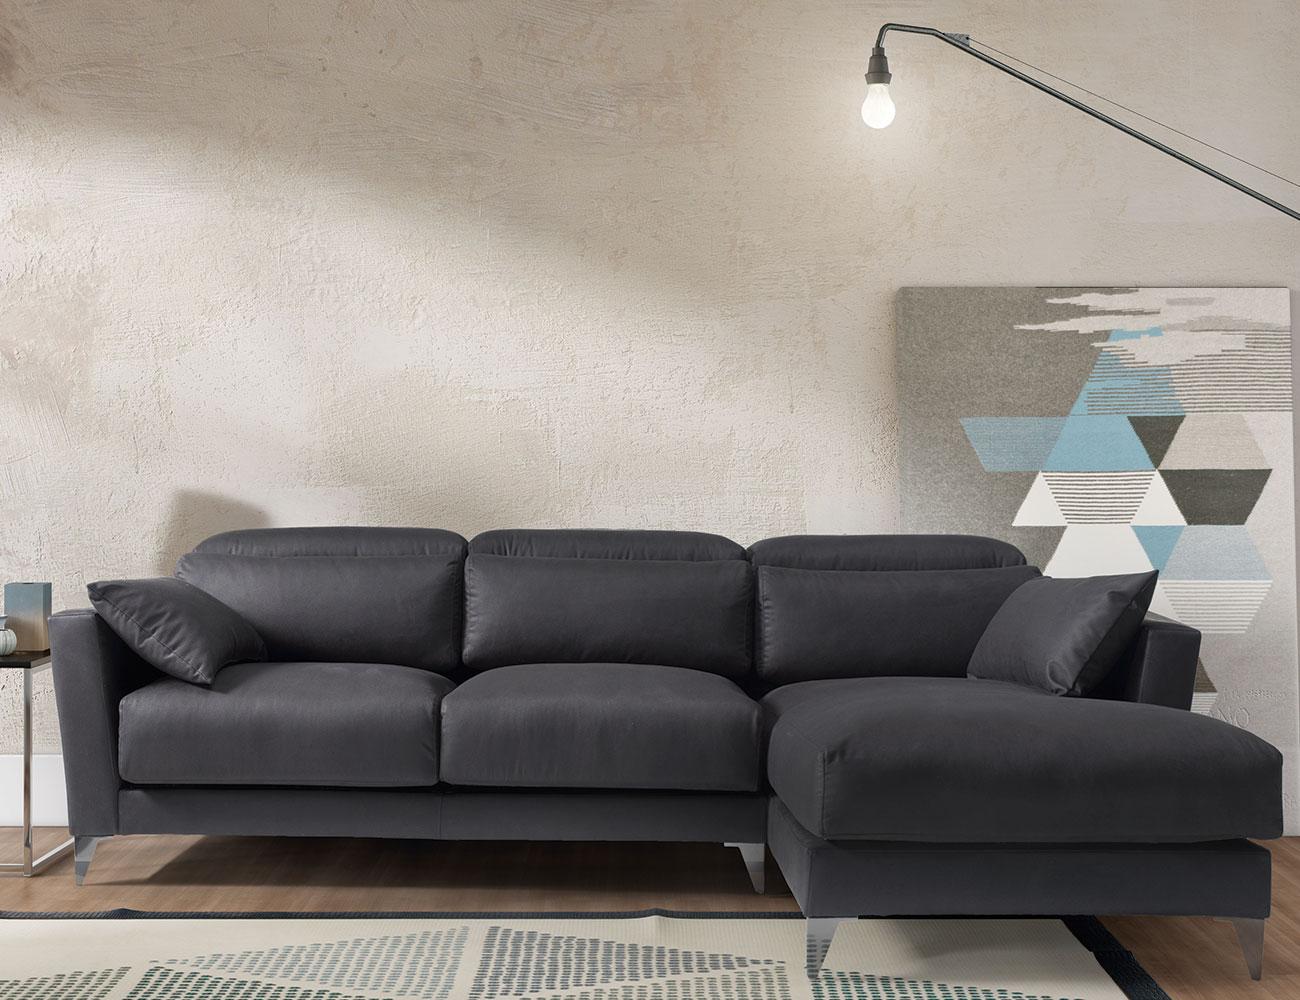 Sofa chaiselongue gran lujo decorativo grafito